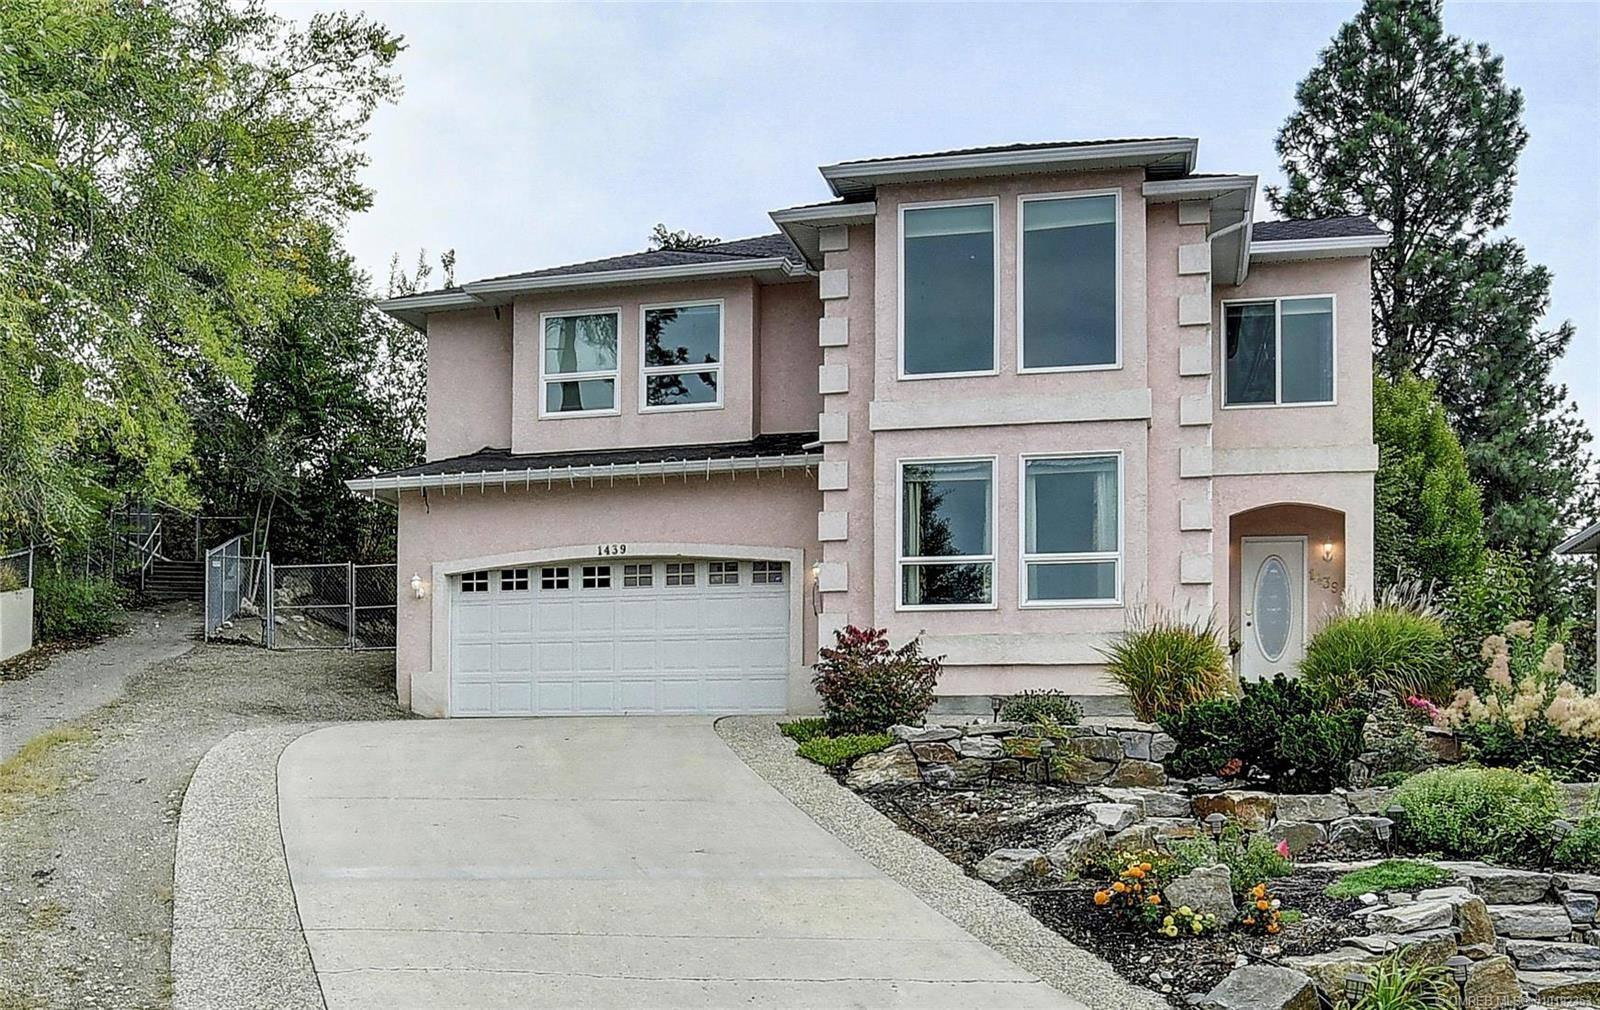 House for sale at 1439 Bentien Rd Kelowna British Columbia - MLS: 10192353